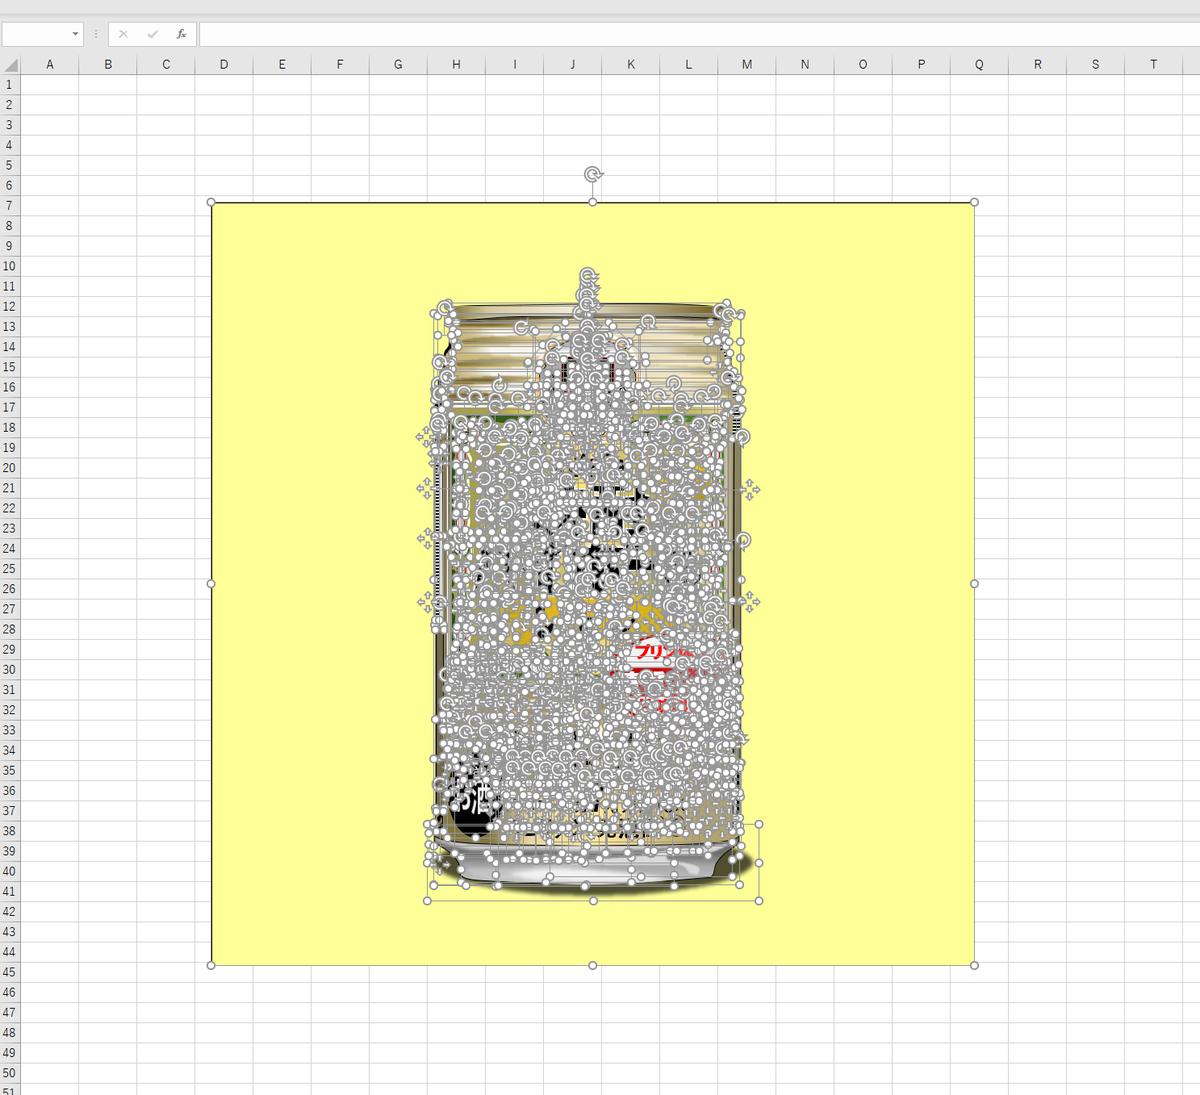 タカラ焼酎ハイボールレモンのエクセル画イラストドット版